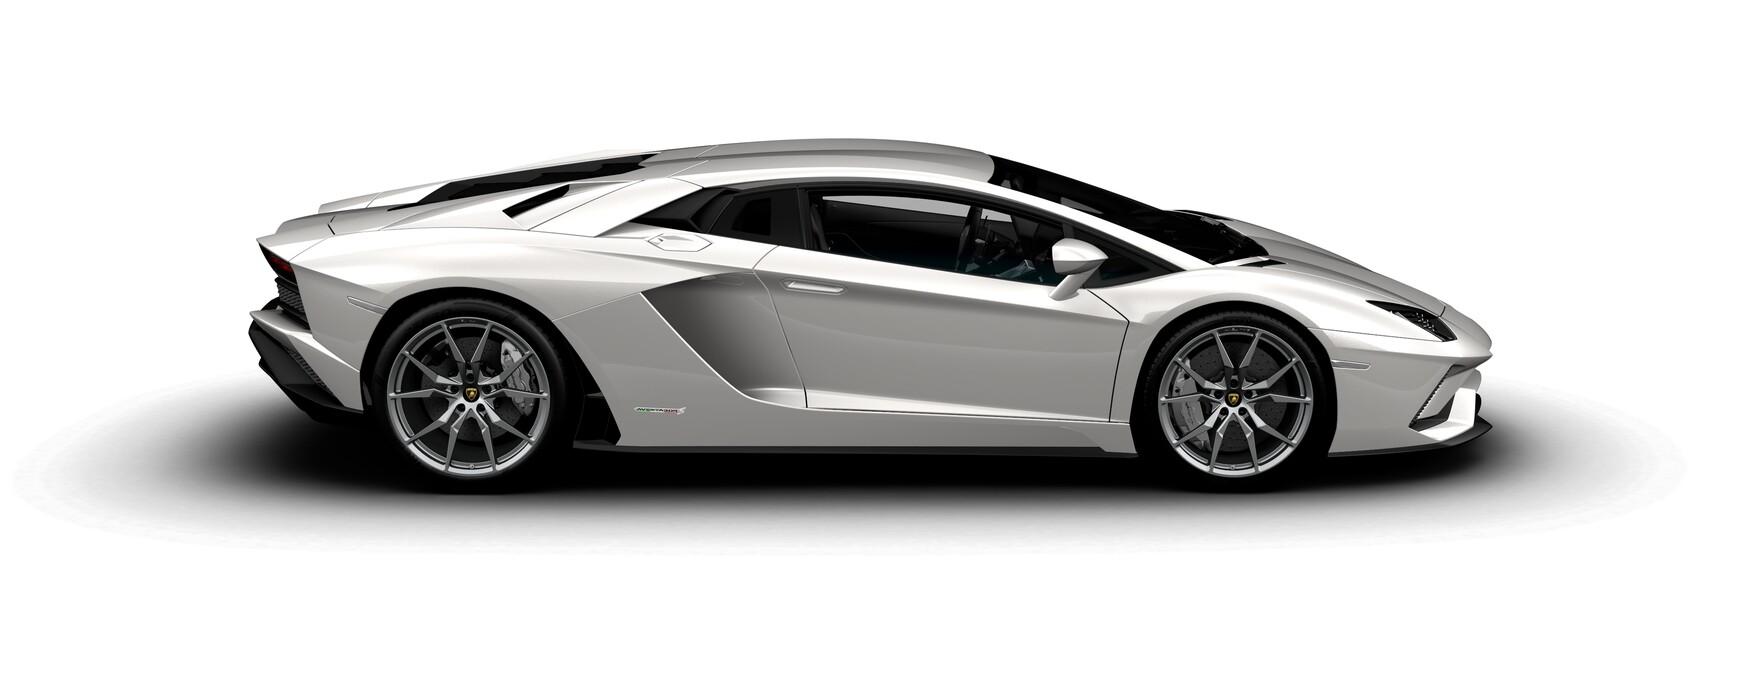 Lamborghini Aventador S Coupe pearl Balloon White side view